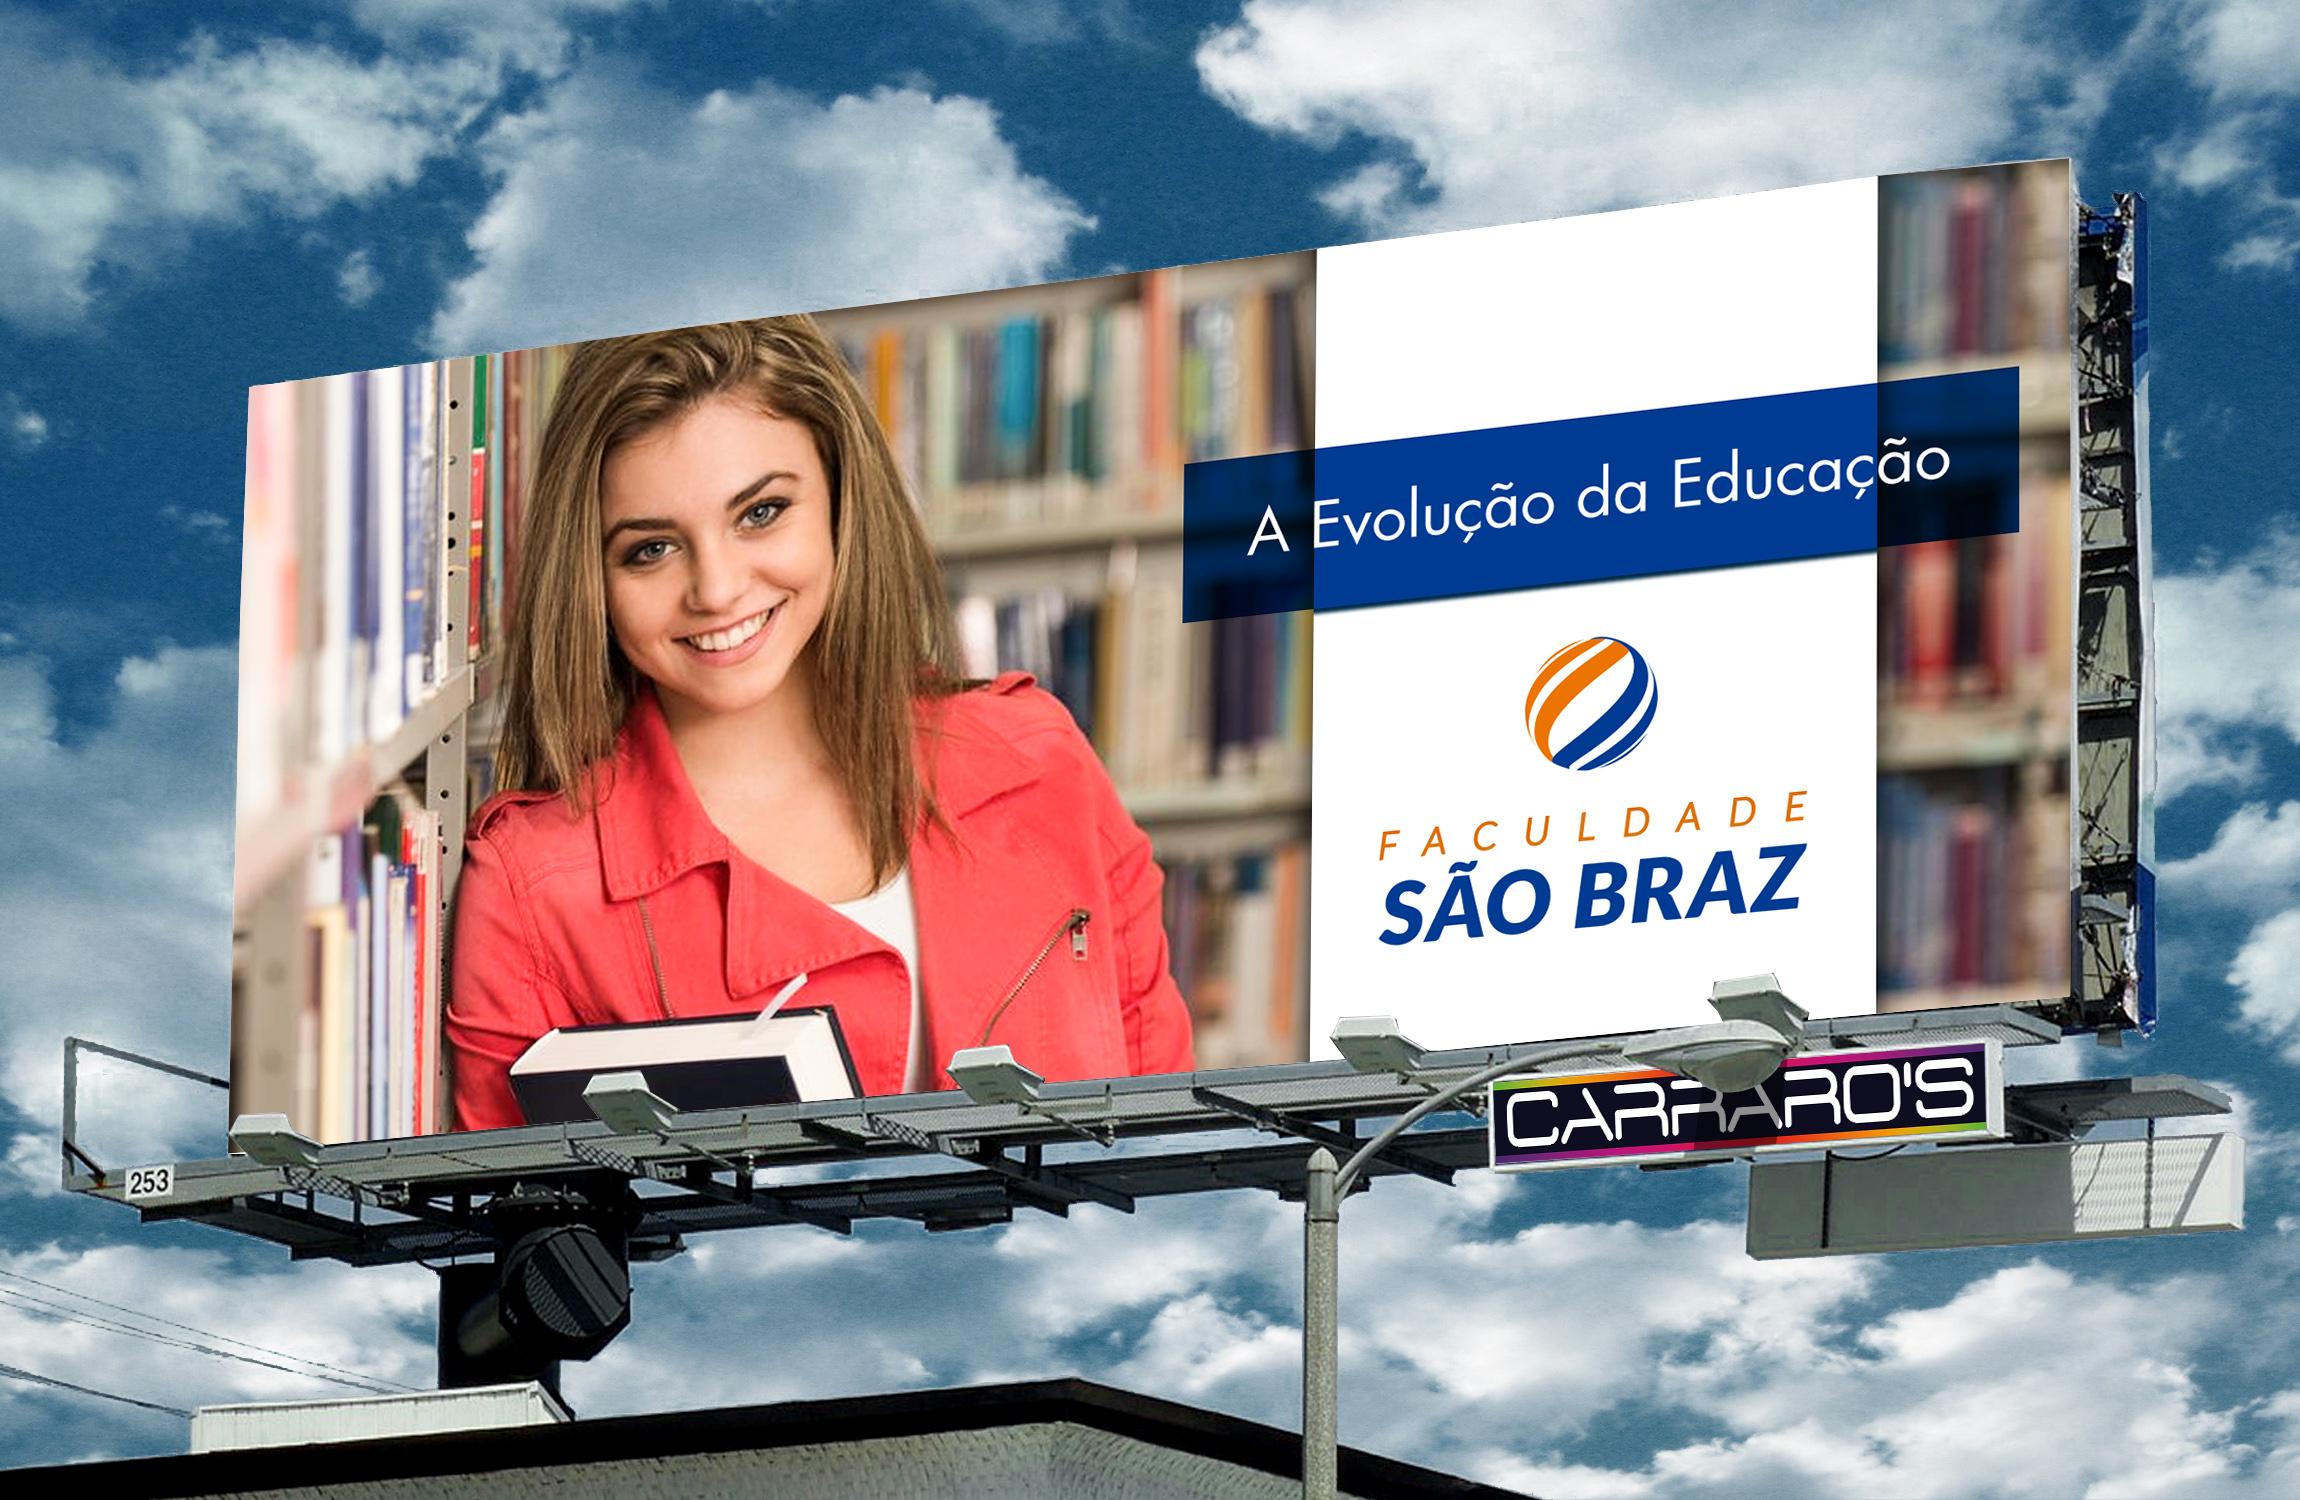 Amostra_Logo_Falculdade_São_Braz_6